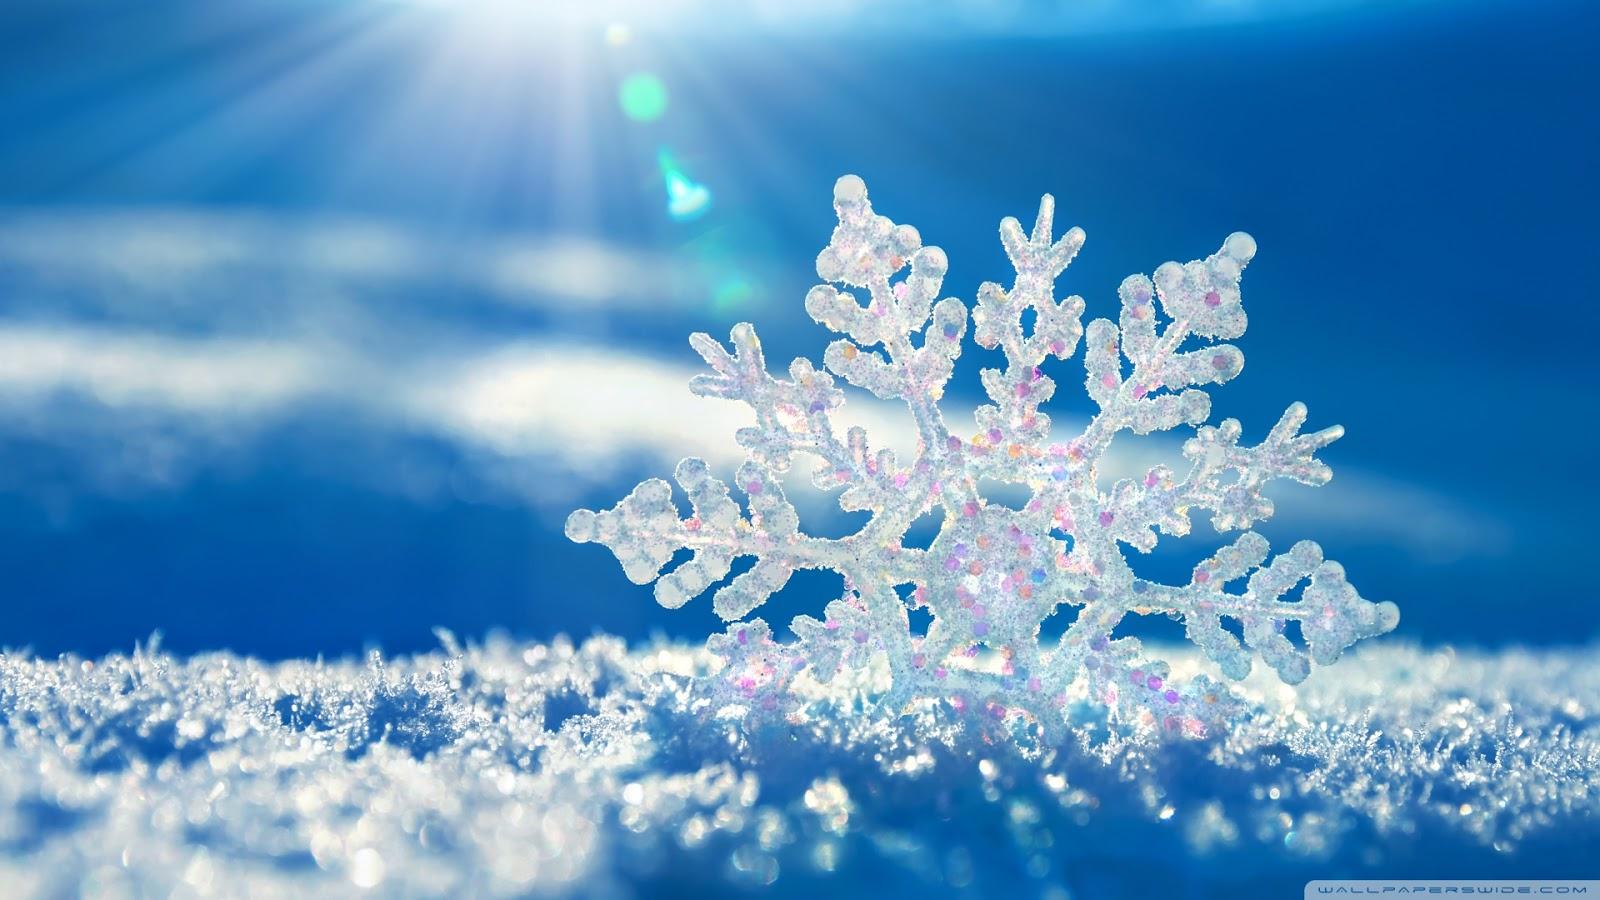 Hd snow wallpaper en güzel masaüstü hd kar kış resimleri